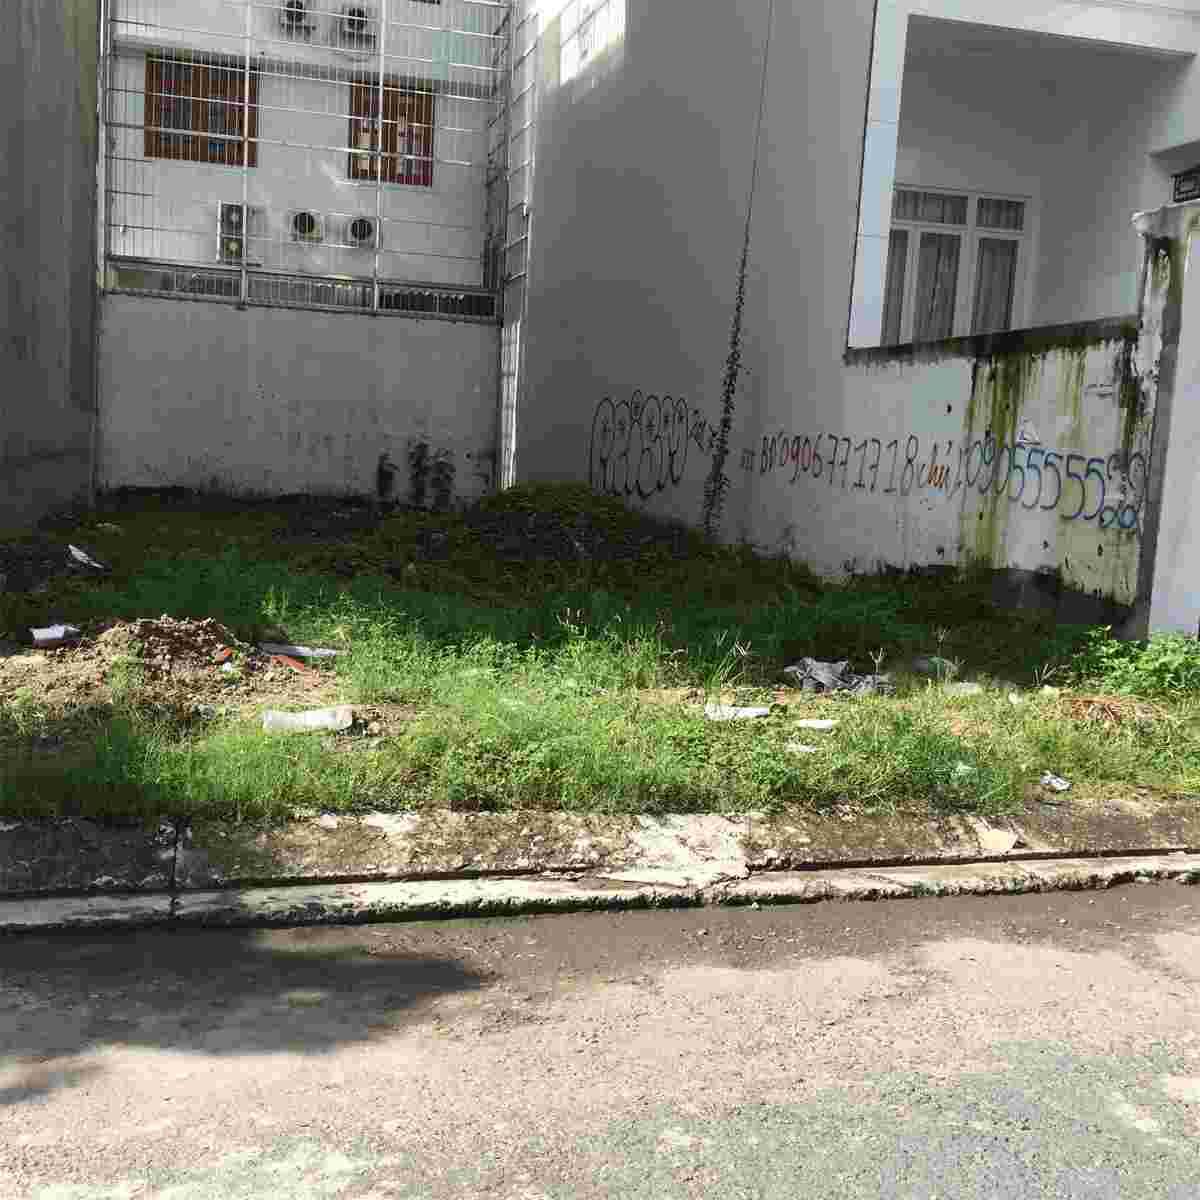 Bán đất nhà phố Him Lam Kênh Tẻ, 100m2, mặt tiền đường D1, nền L77, giá 250 trieu/m2. LH: 0913.050.053